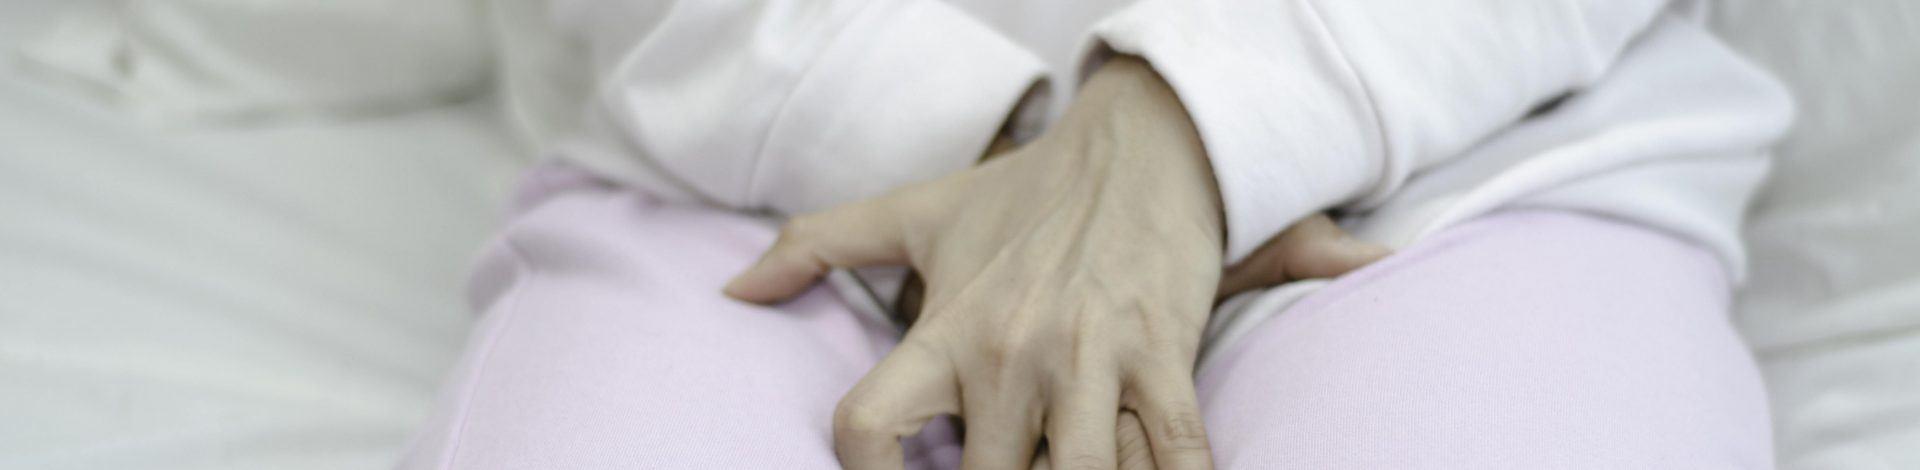 Penis behandling af svamp på Kan mænd